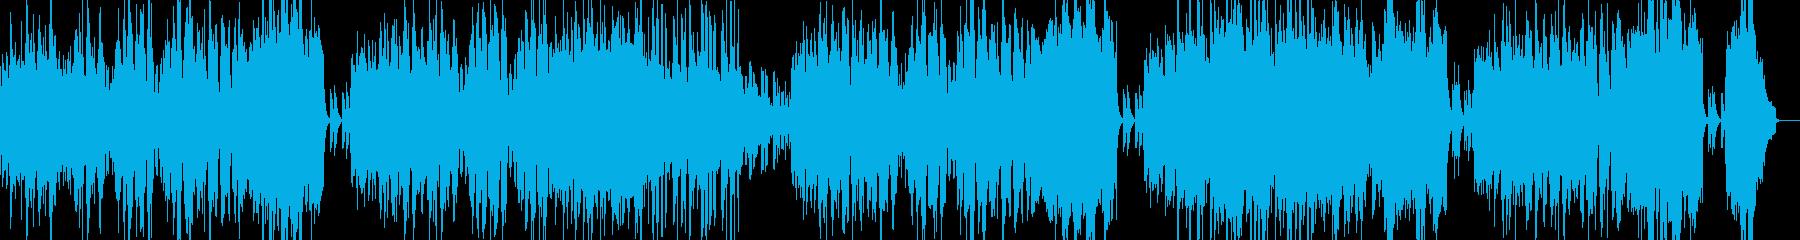 エリーゼのために・ジャズ ドラム無Cの再生済みの波形